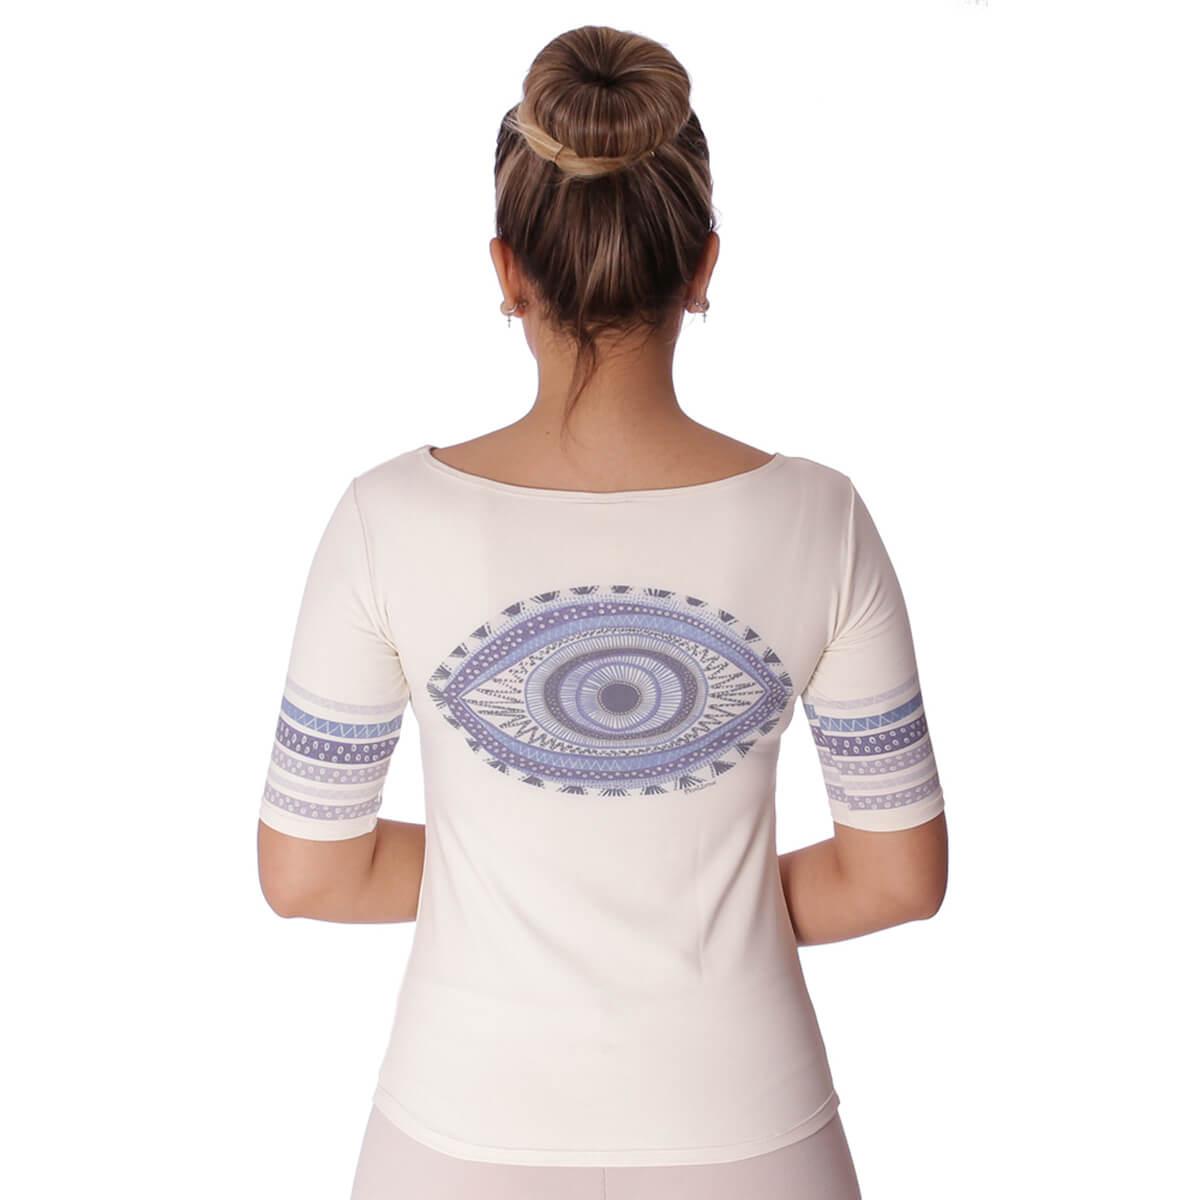 Blusa com Proteção Solar UV Feminina Manga Curta Estampa Exclusiva Olho Grego Decote Canoa